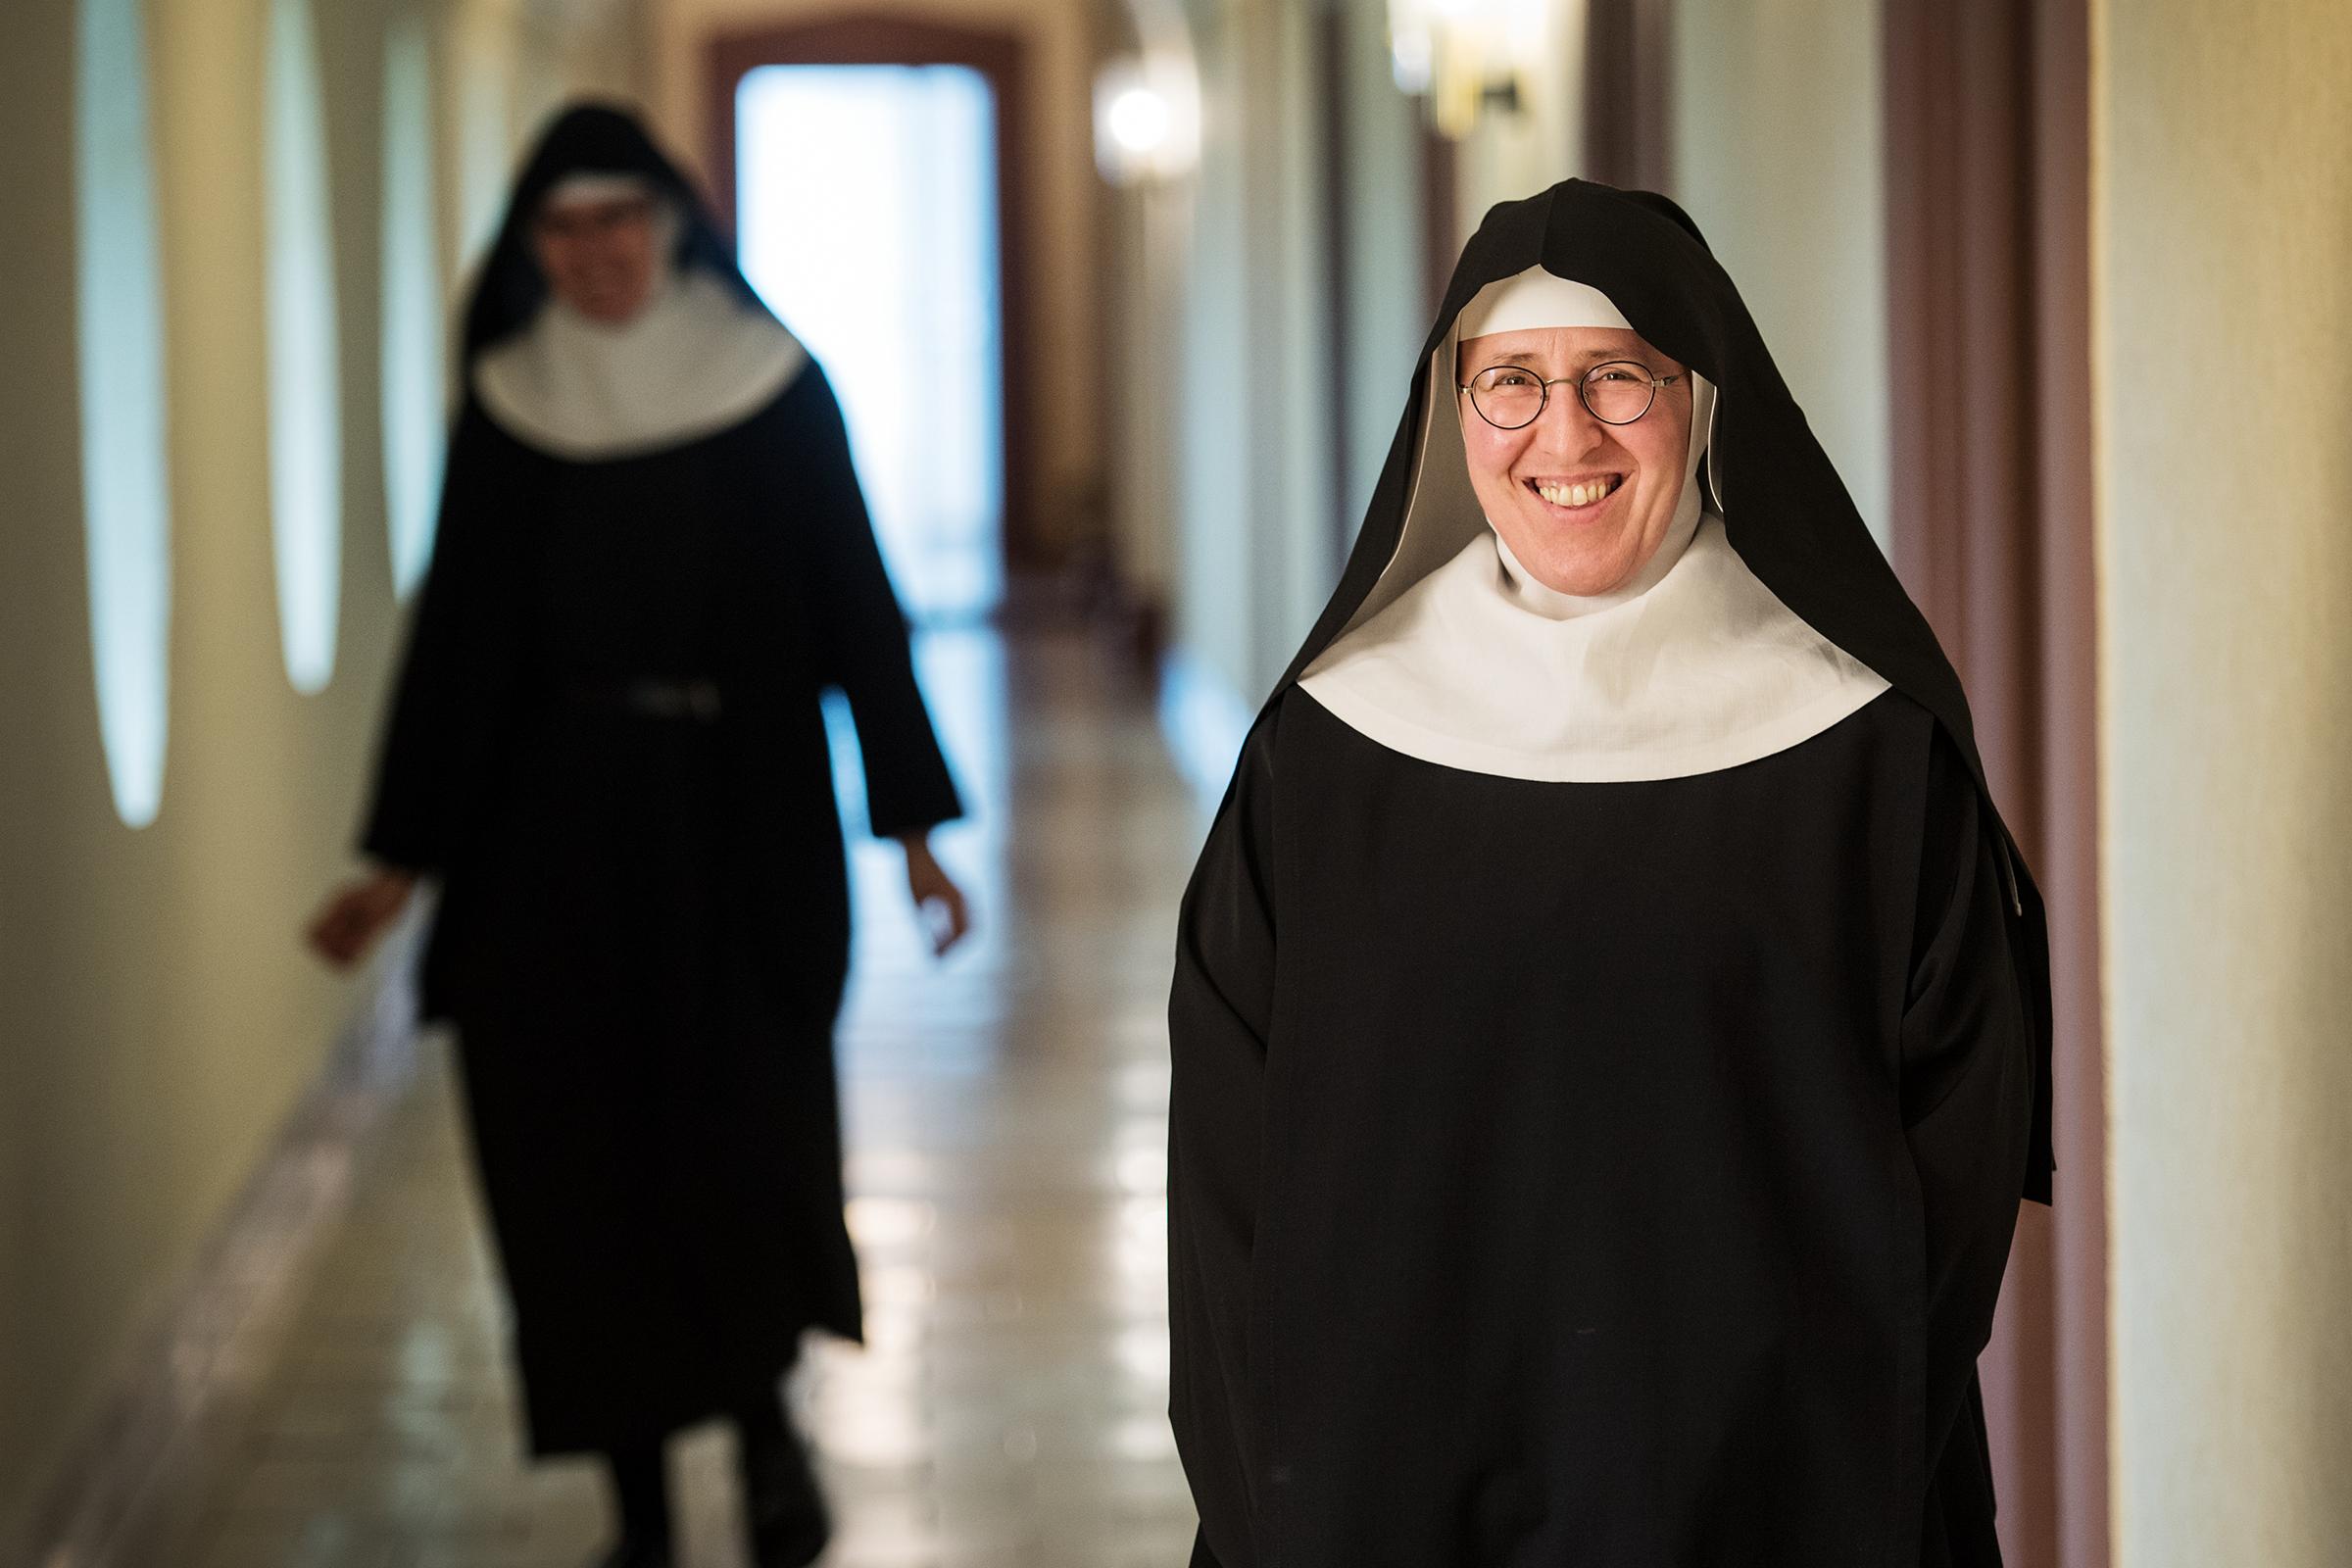 SISTER ANDREA STADERMAN FIREFIGHTER